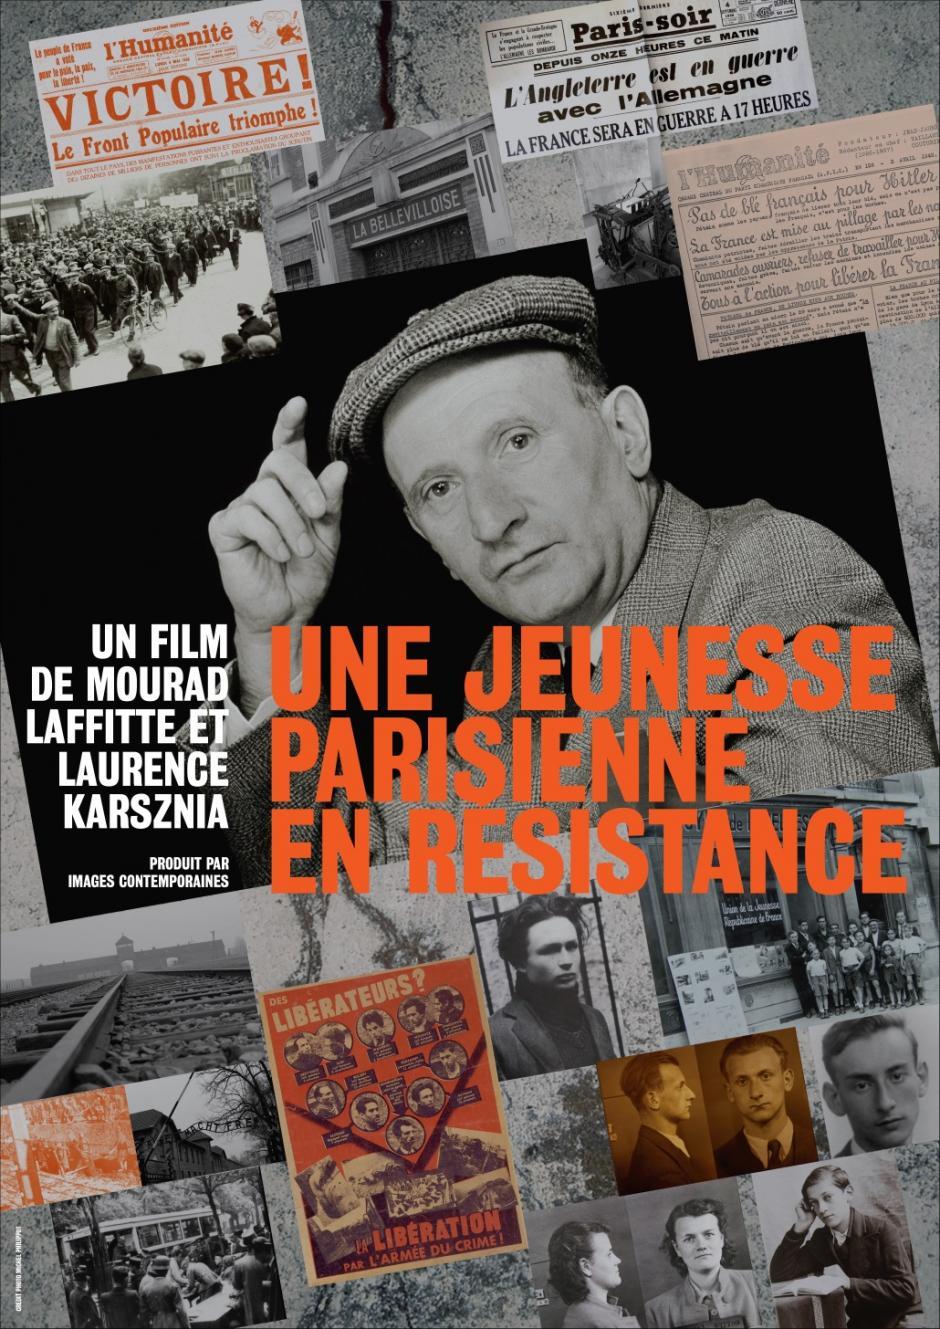 Une jeunesse parisienne en résistance - Avant-première